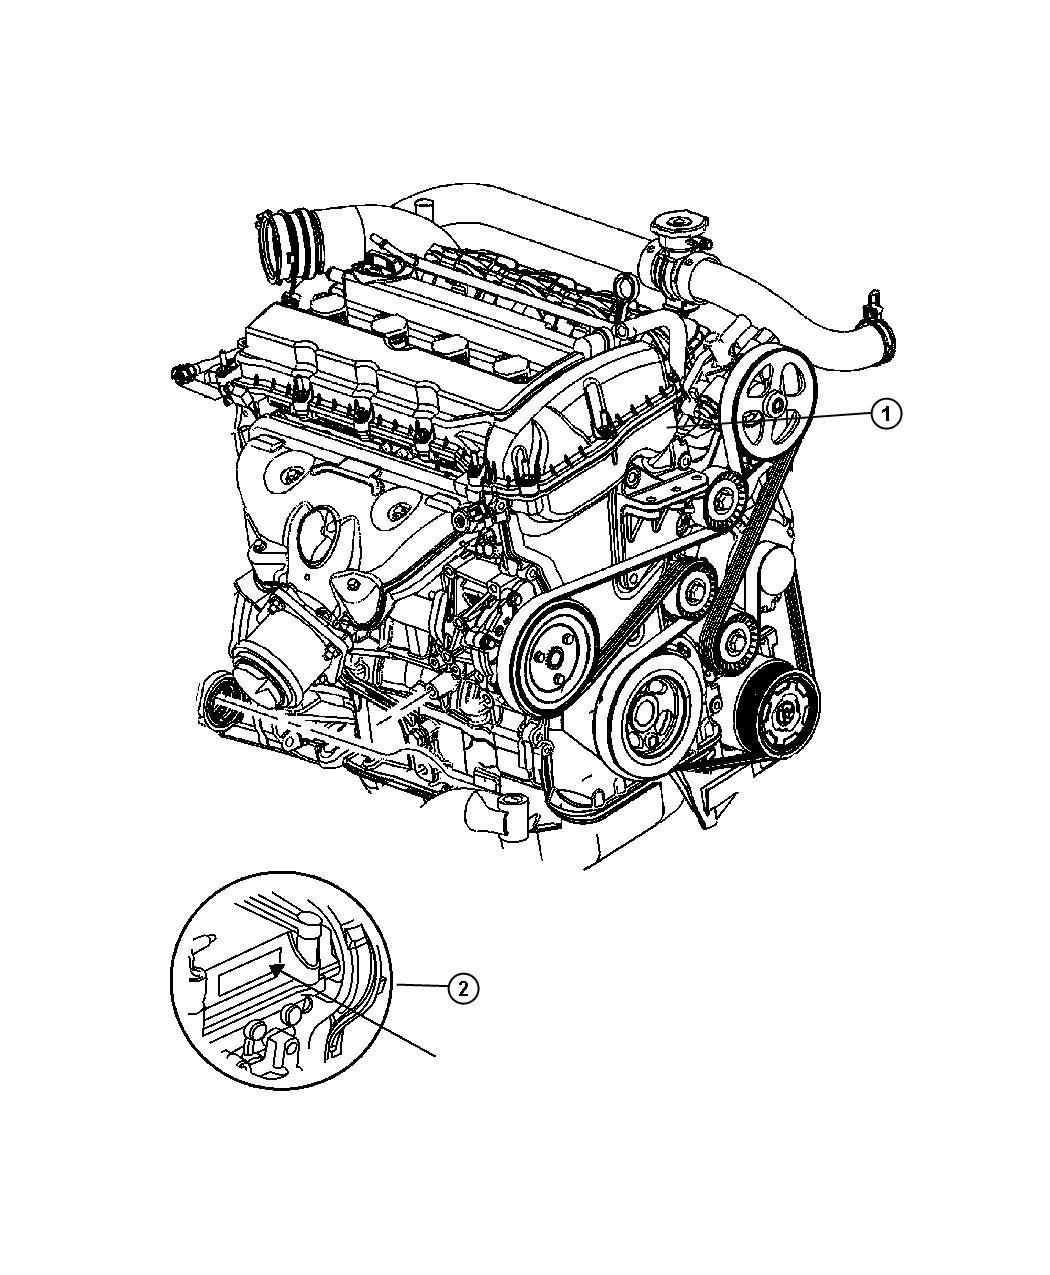 Chrysler Sebring Engine Long Block Remanufactured